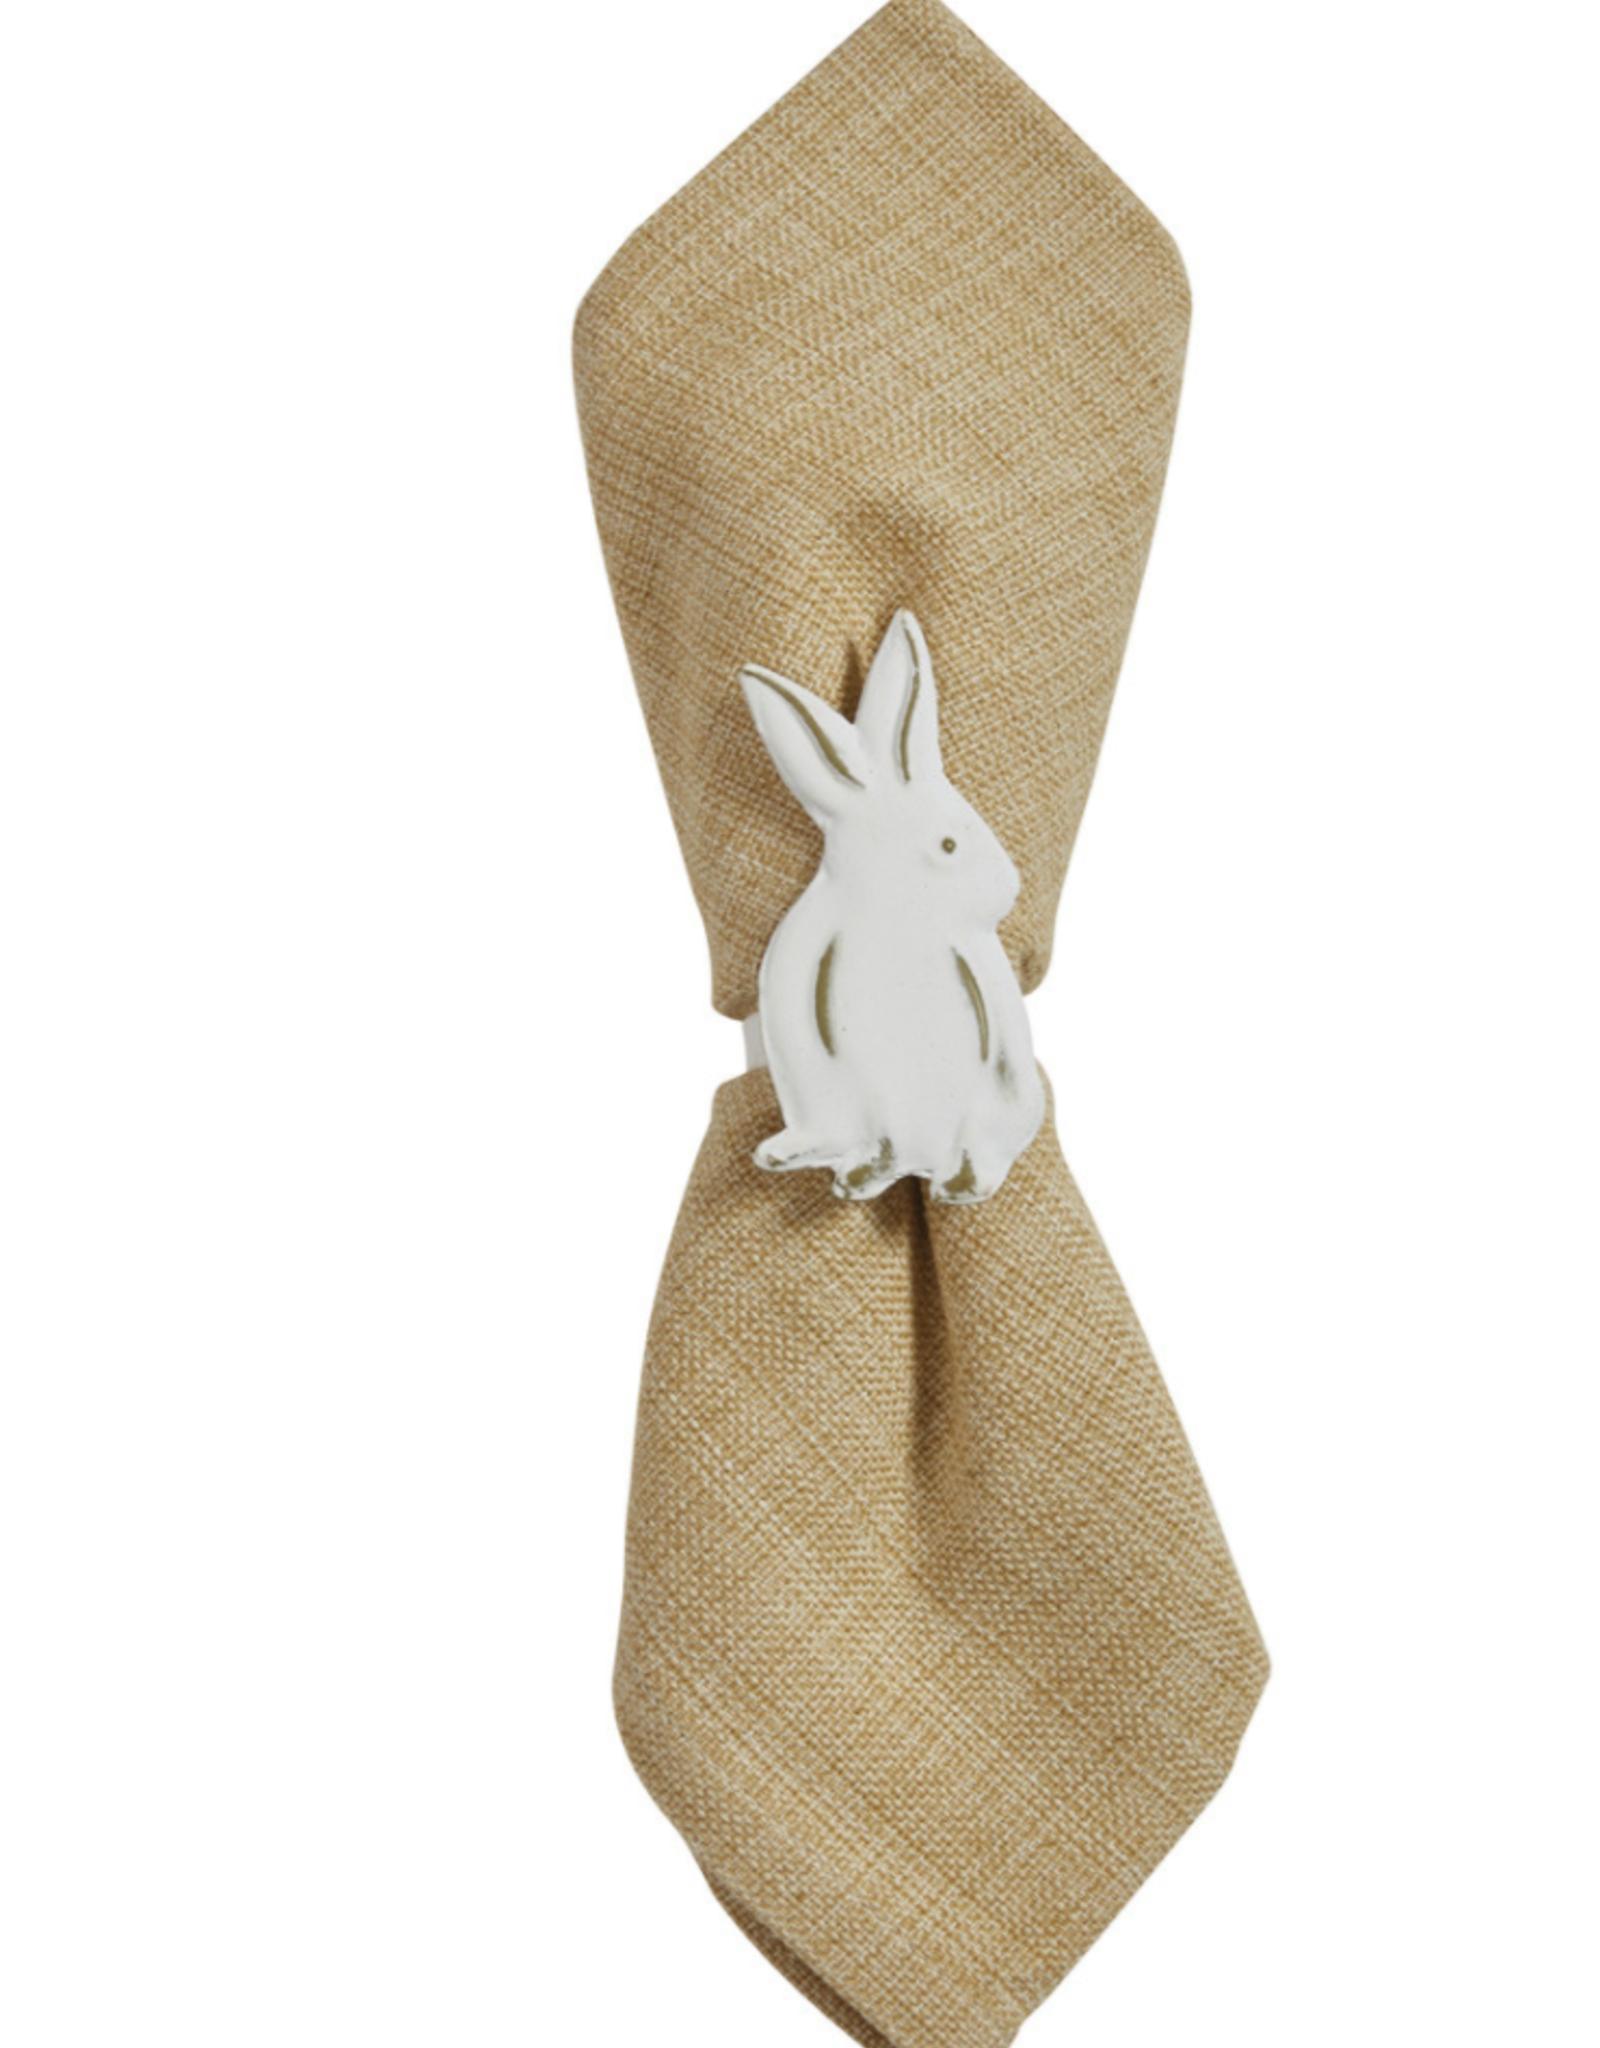 Split Pea Bunny Napkin Ring